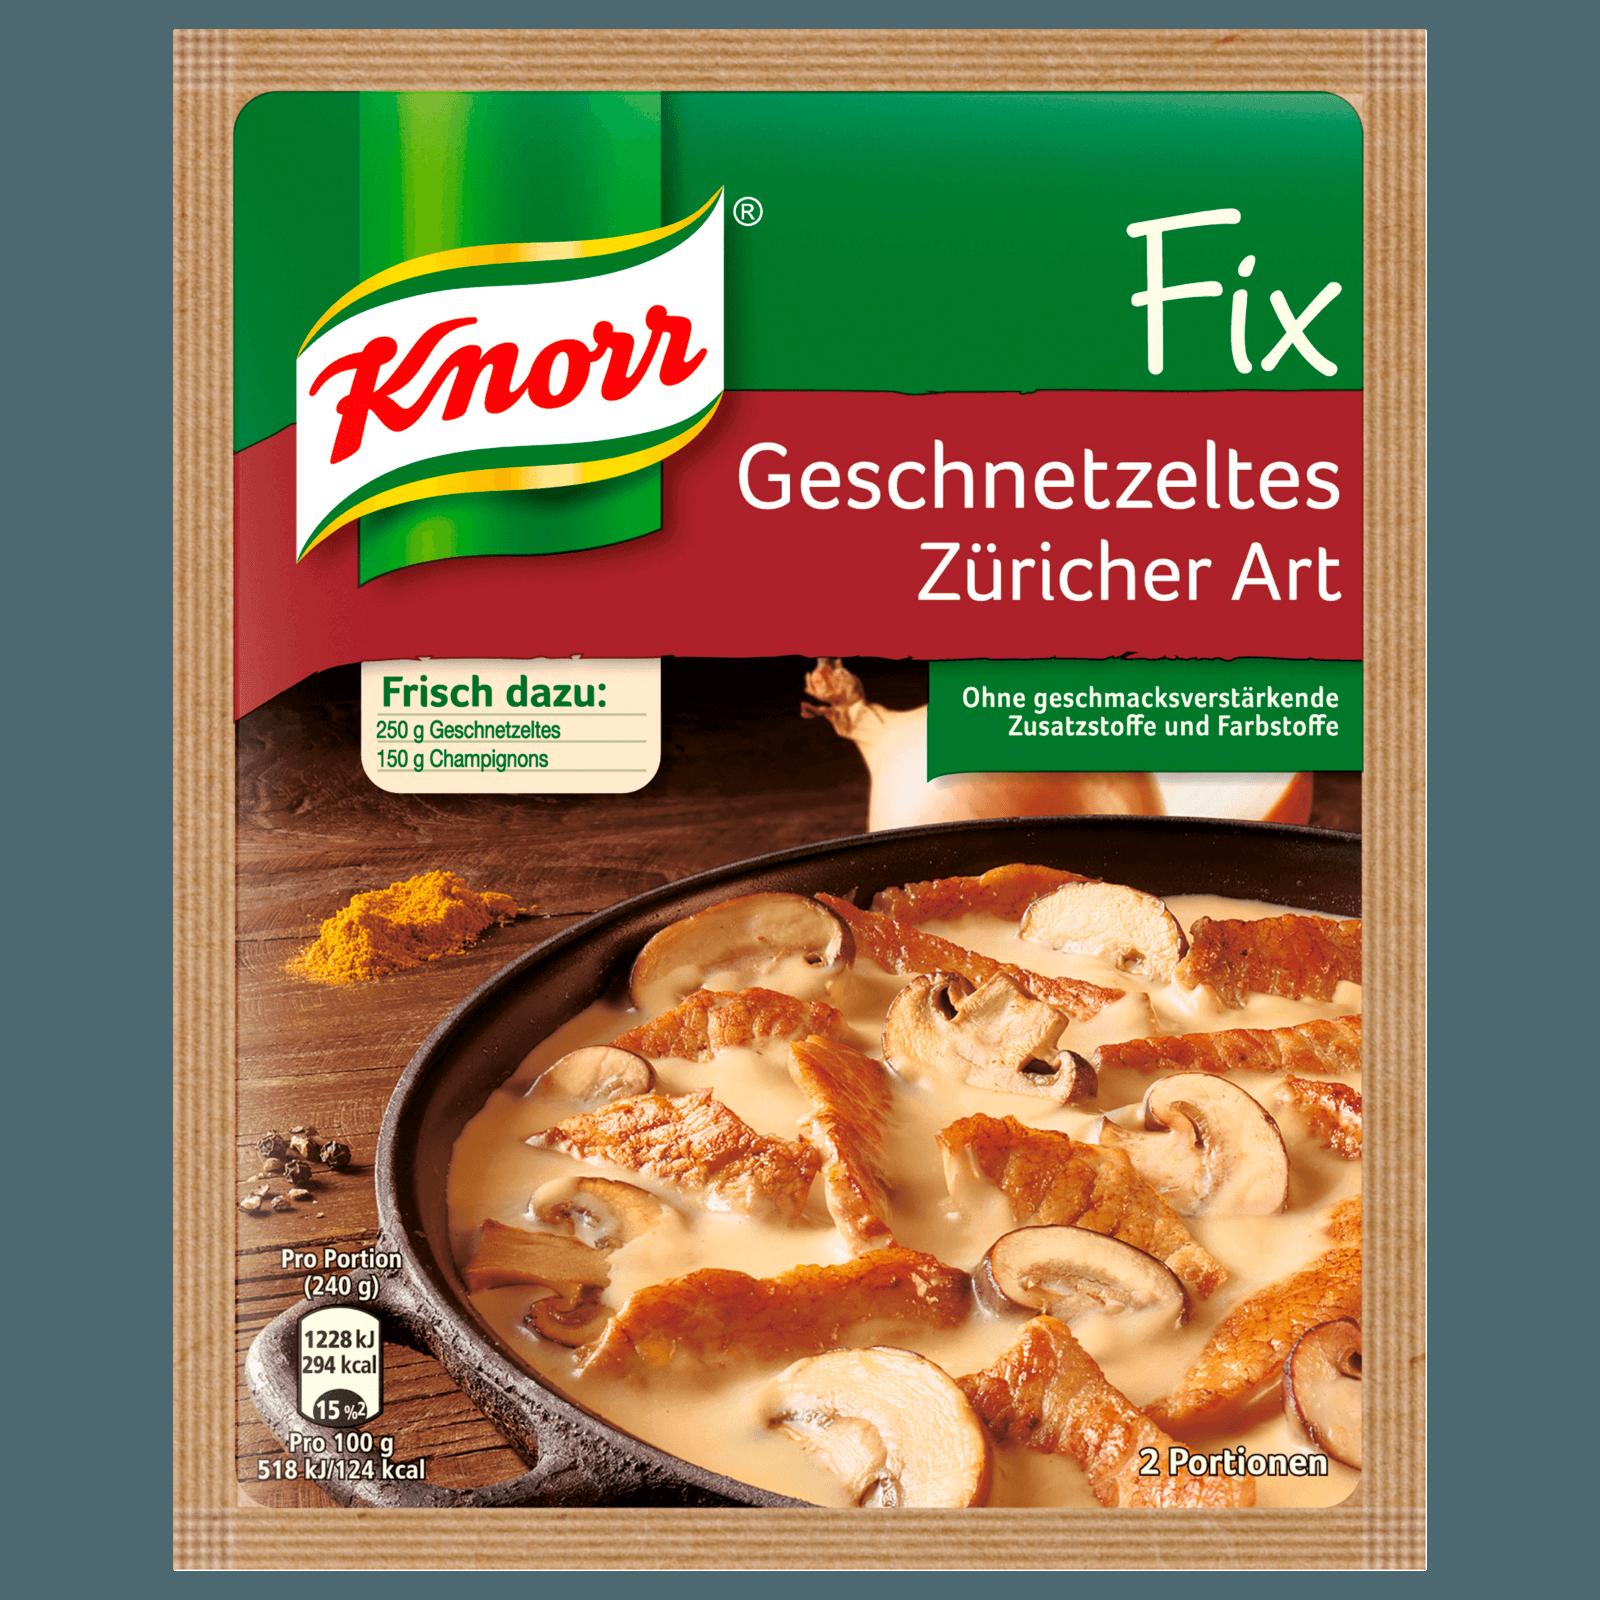 Knorr Fix Geschnetzeltes Züricher Art 2 Portionen bei REWE online ...